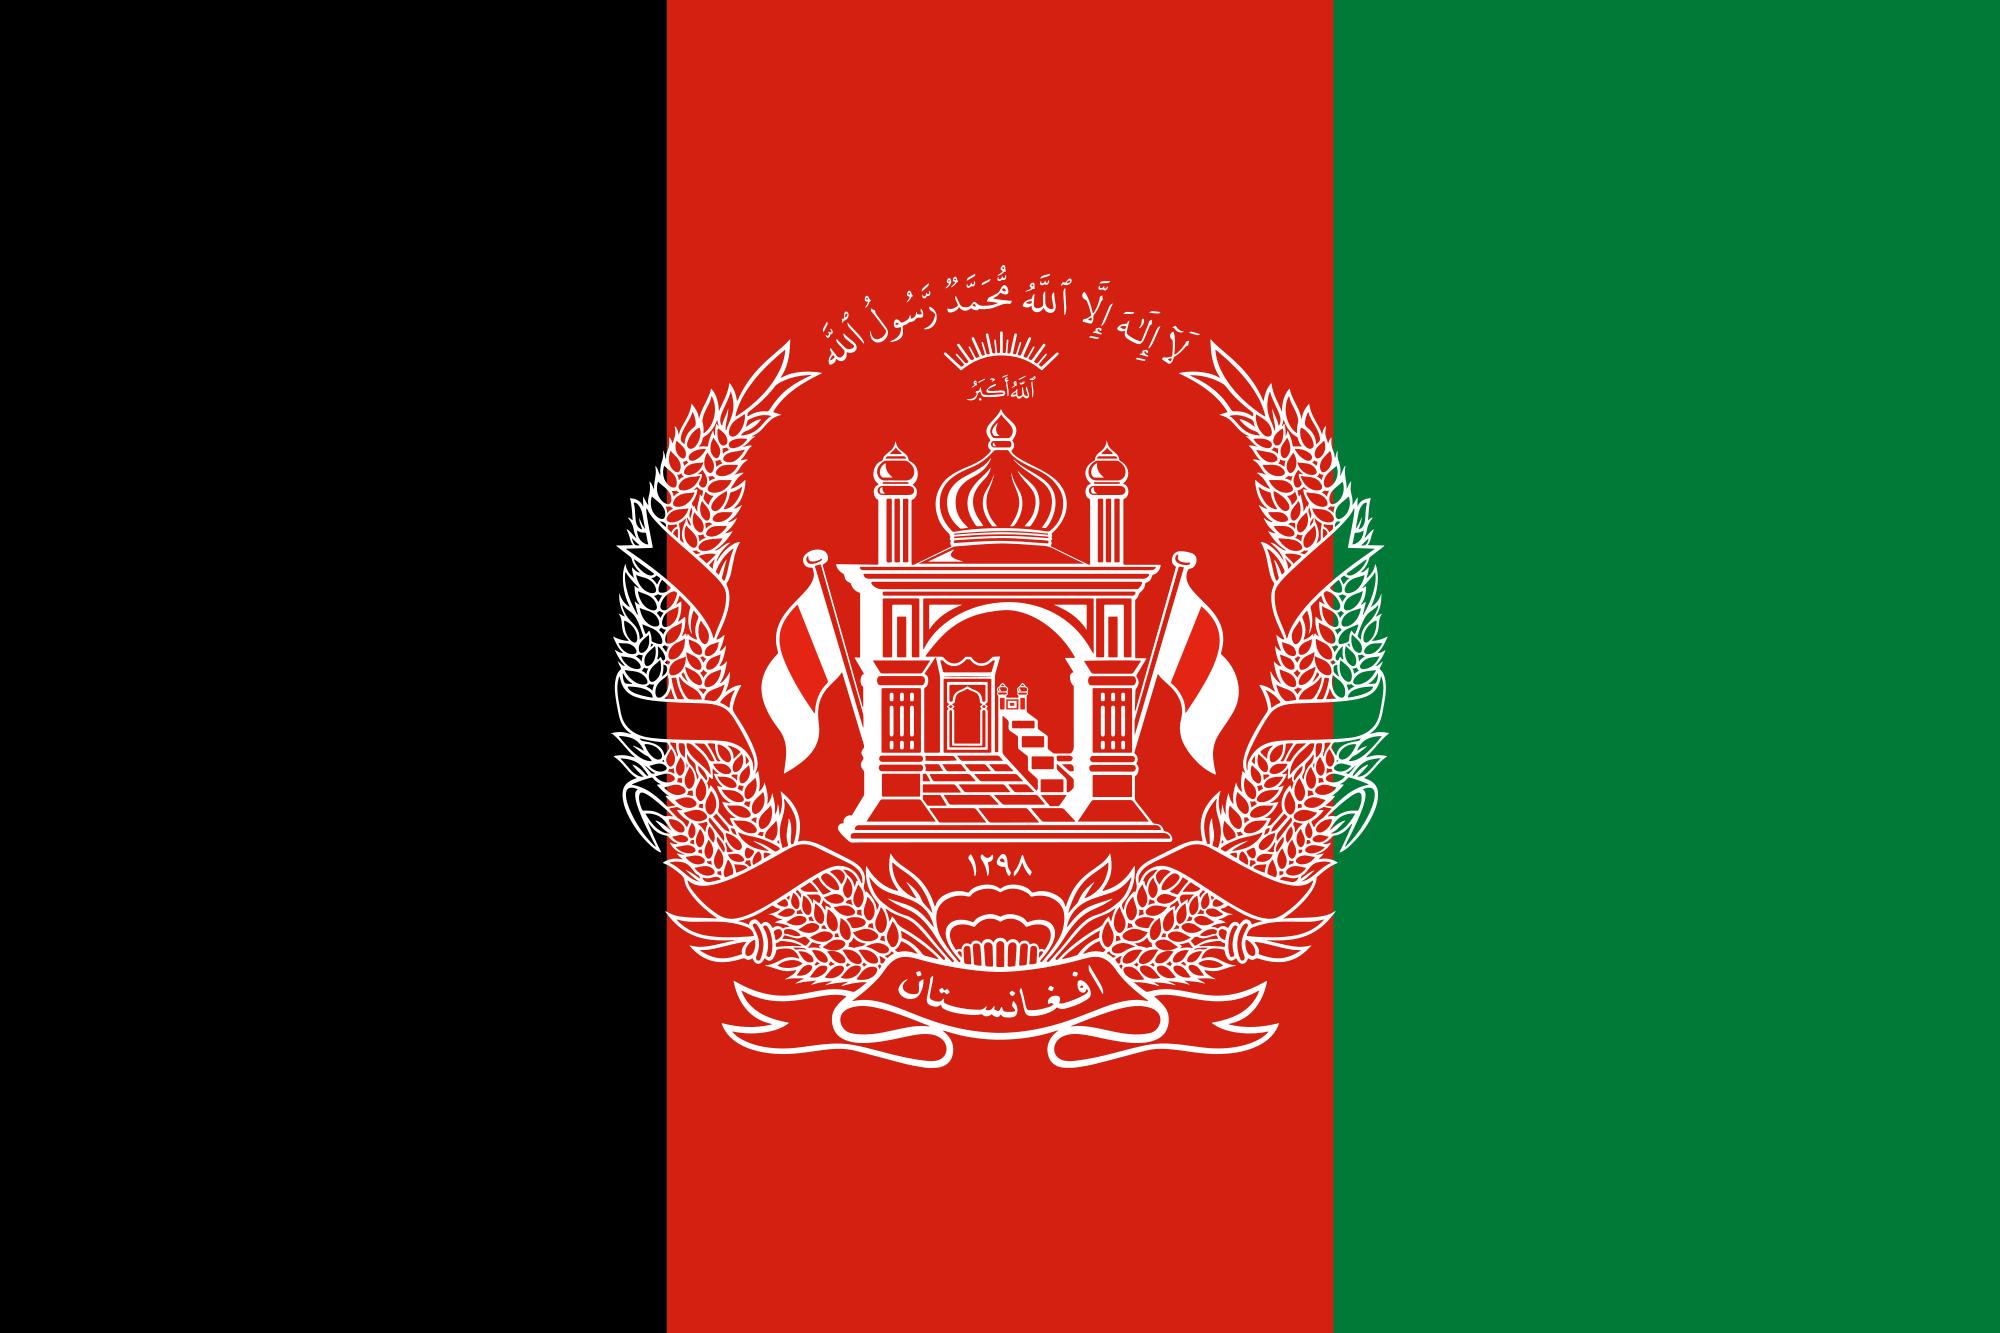 【ロゴ】アフガニスタン